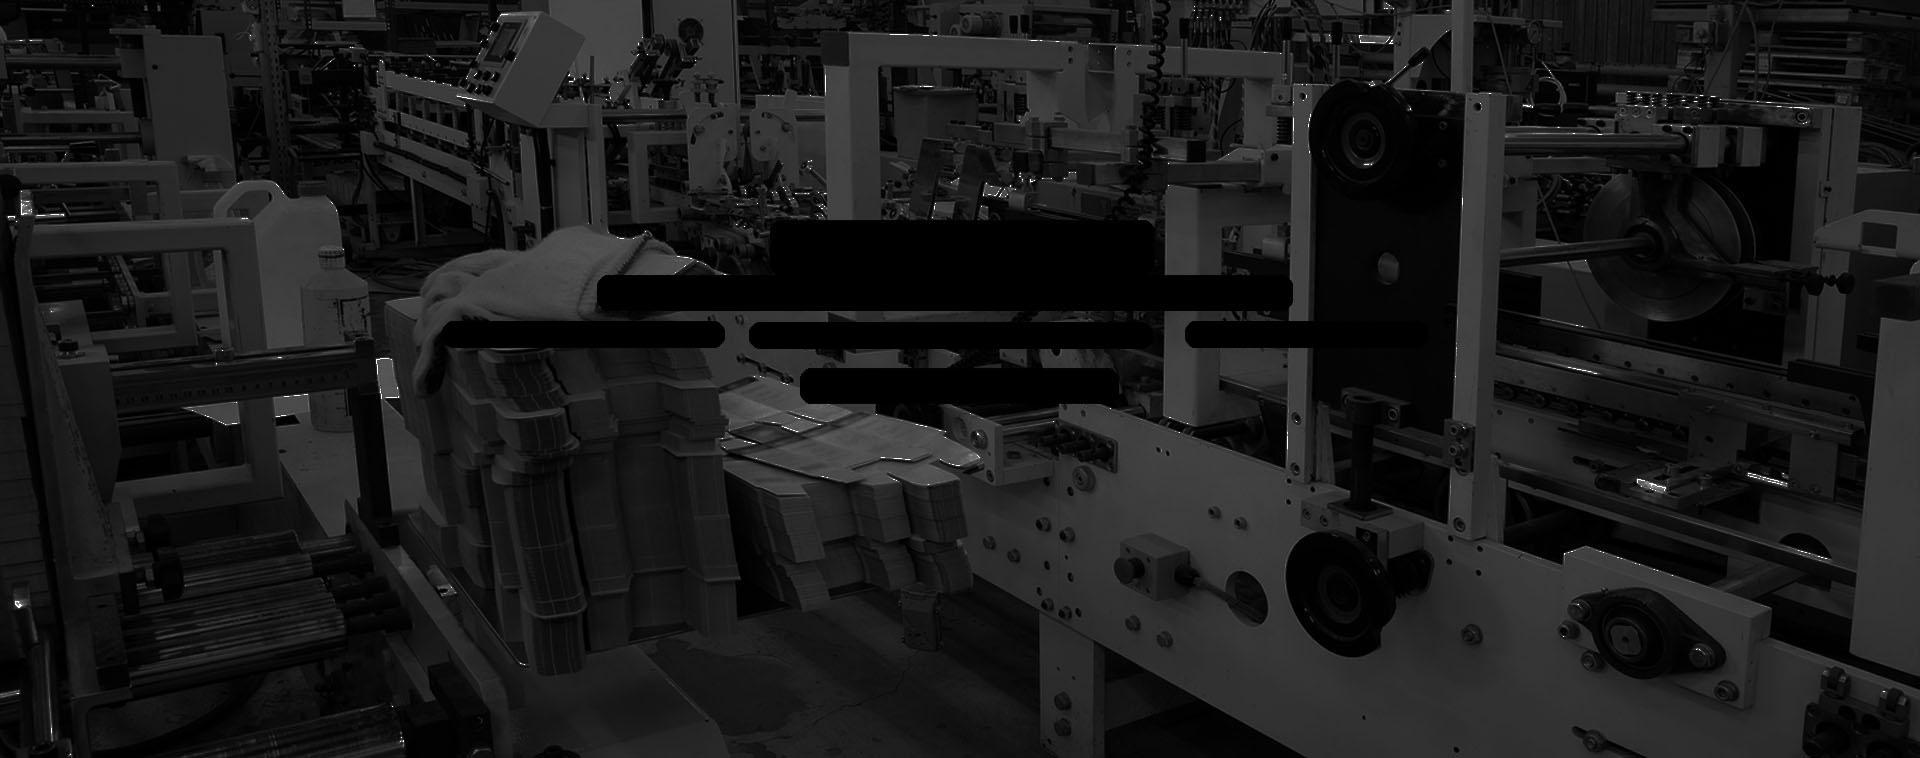 Plastics Manufacturing Plant